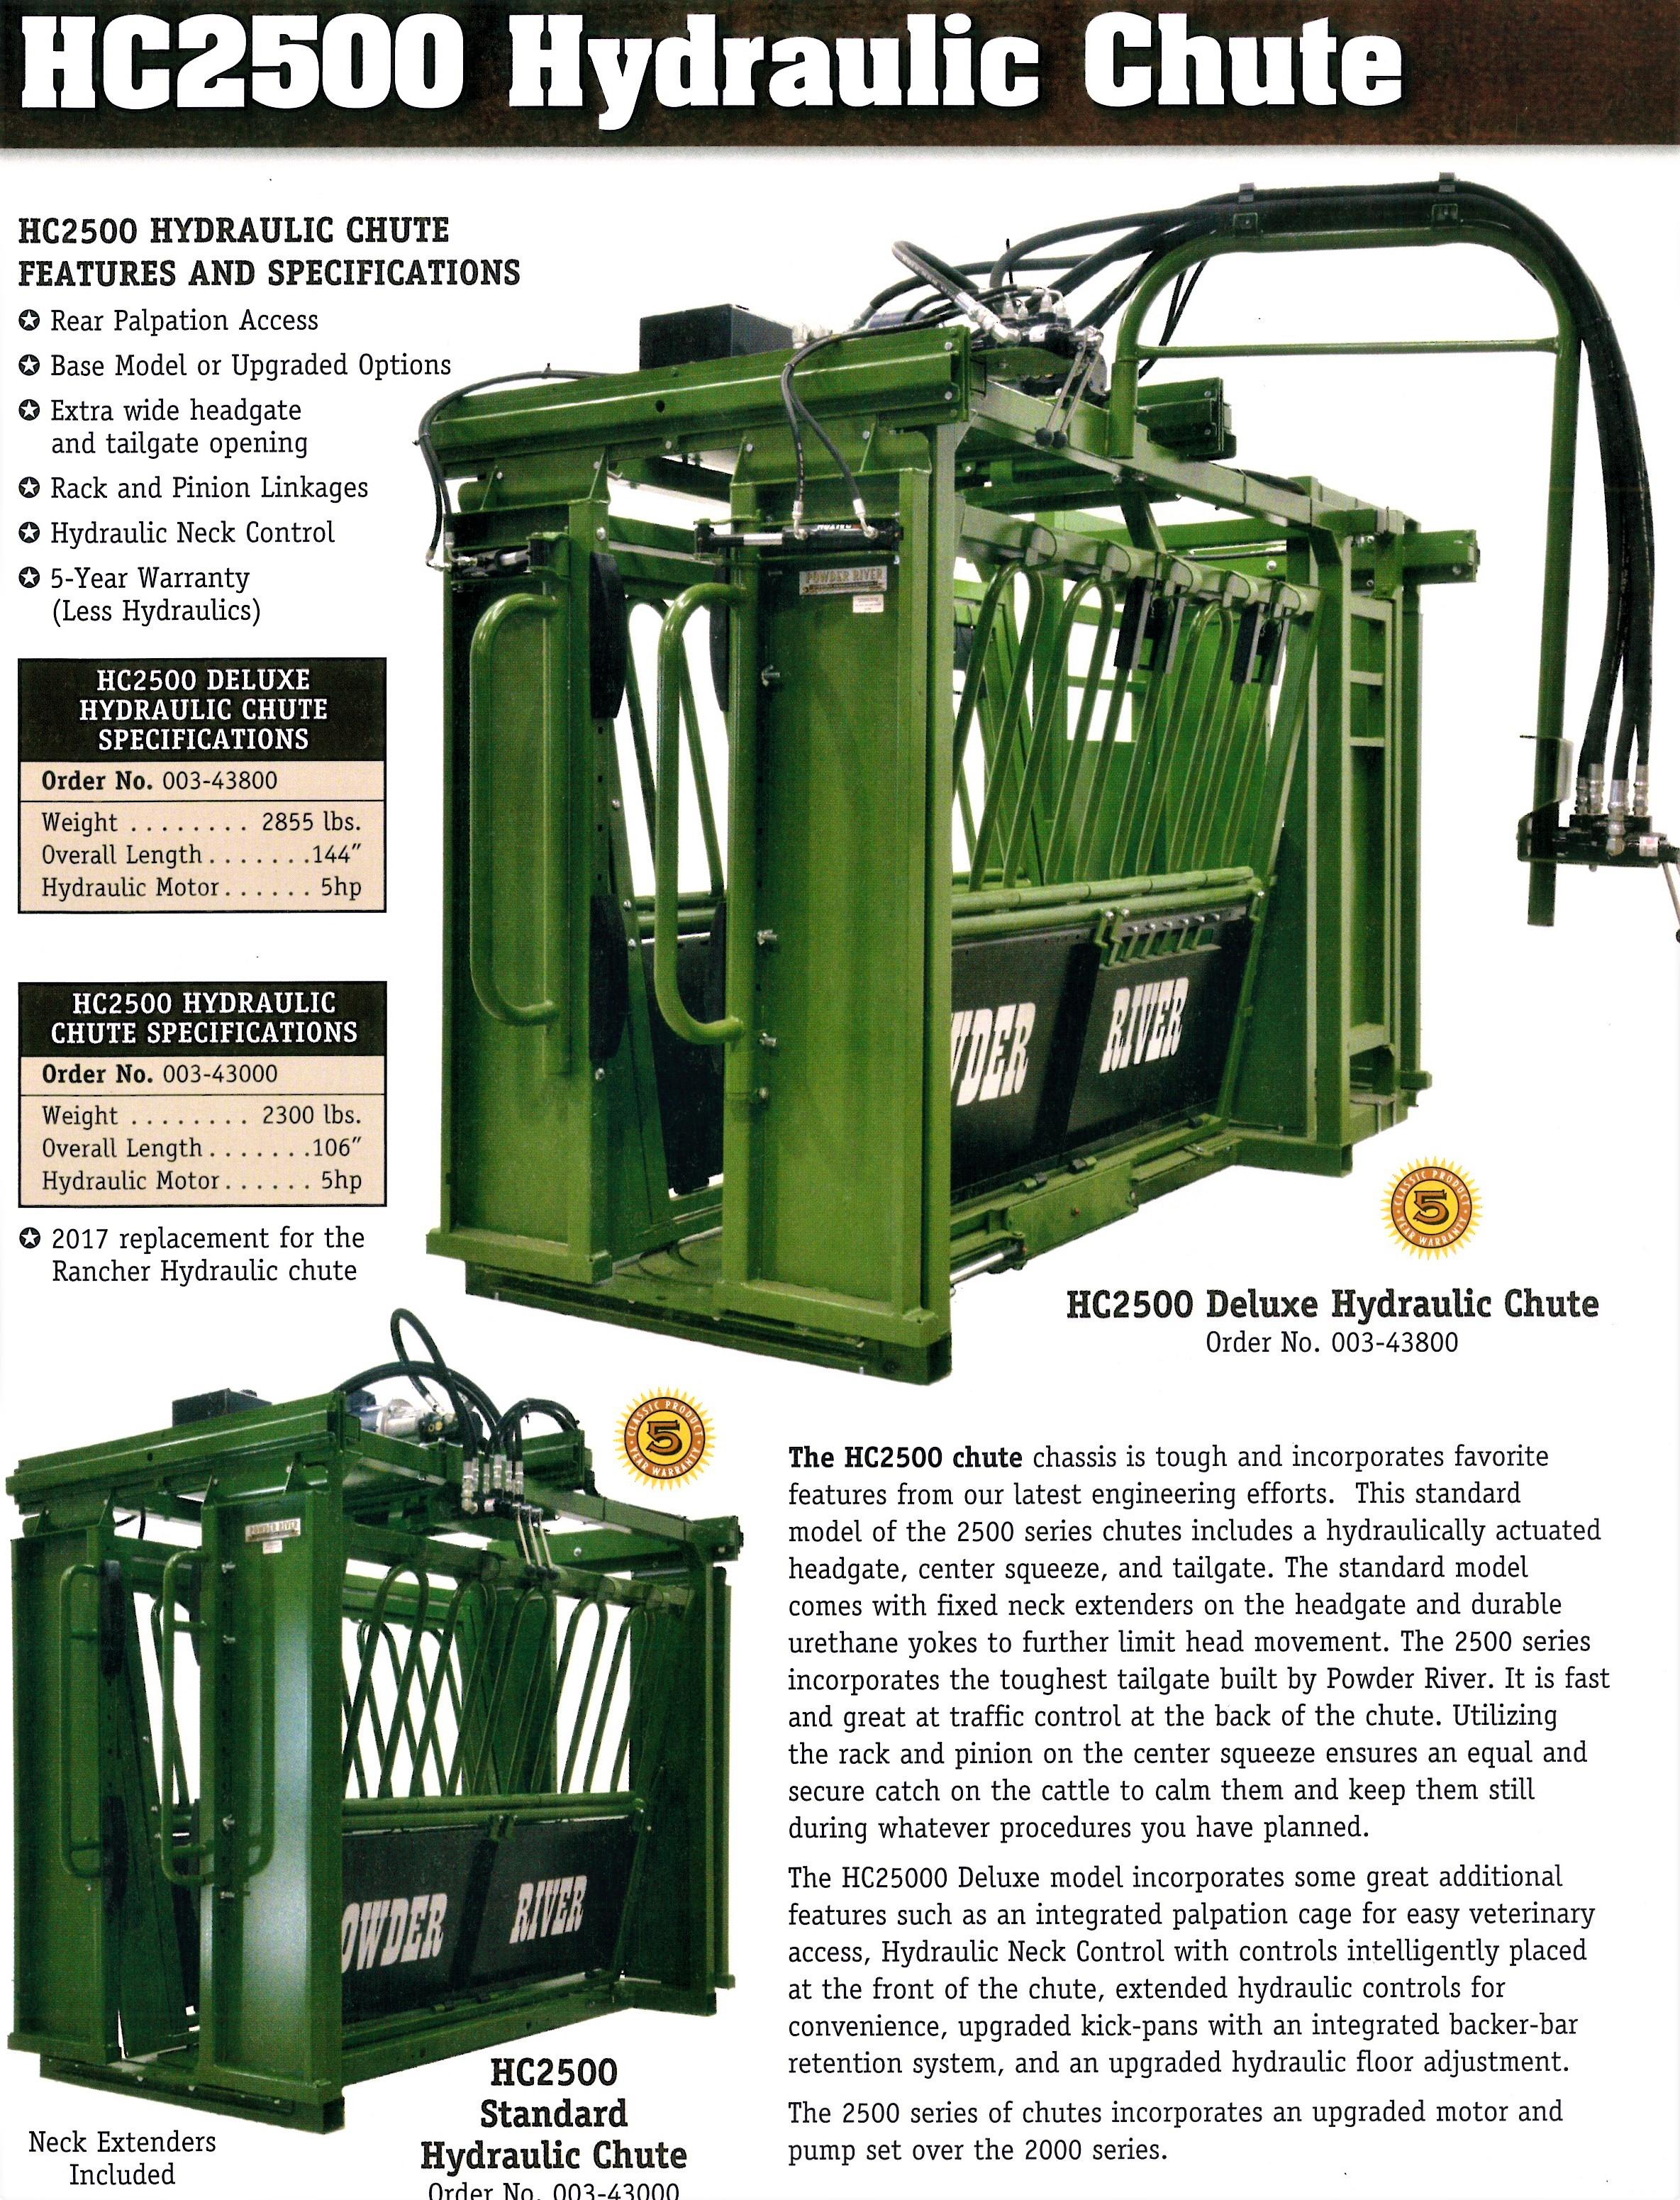 powder-river-hc2500-hydraulic-chute-order-003-043800.jpg